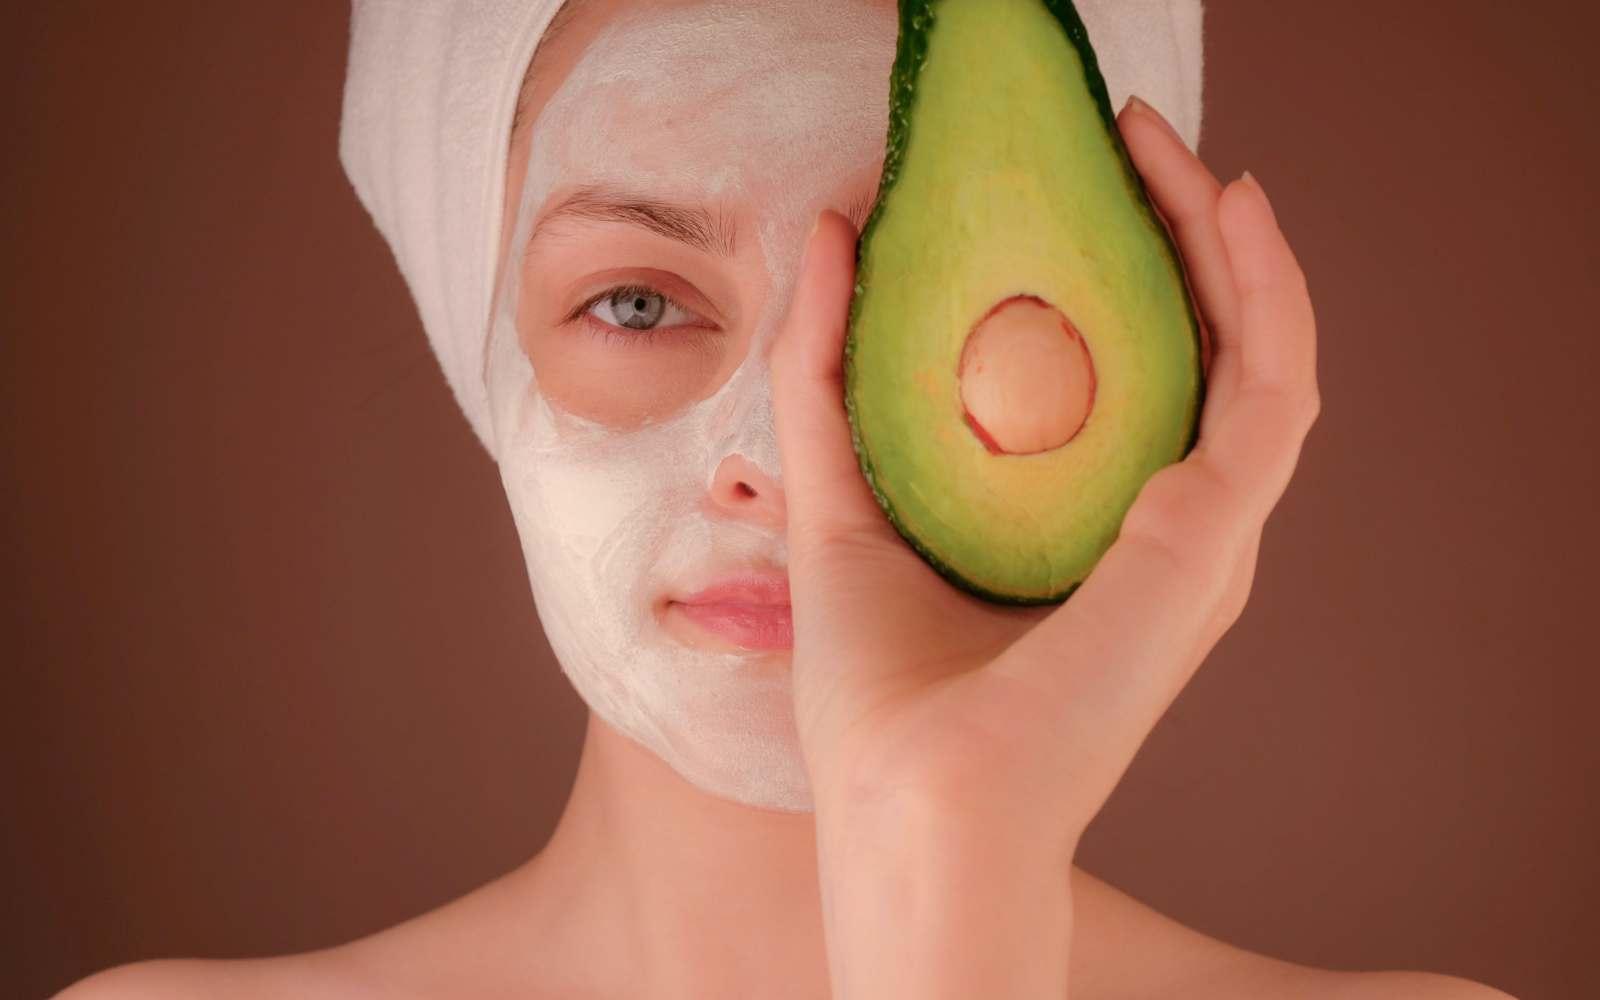 ragazza con avocado, maschera per viso bianca e turbante bianco con maschera per capelli all'avocado